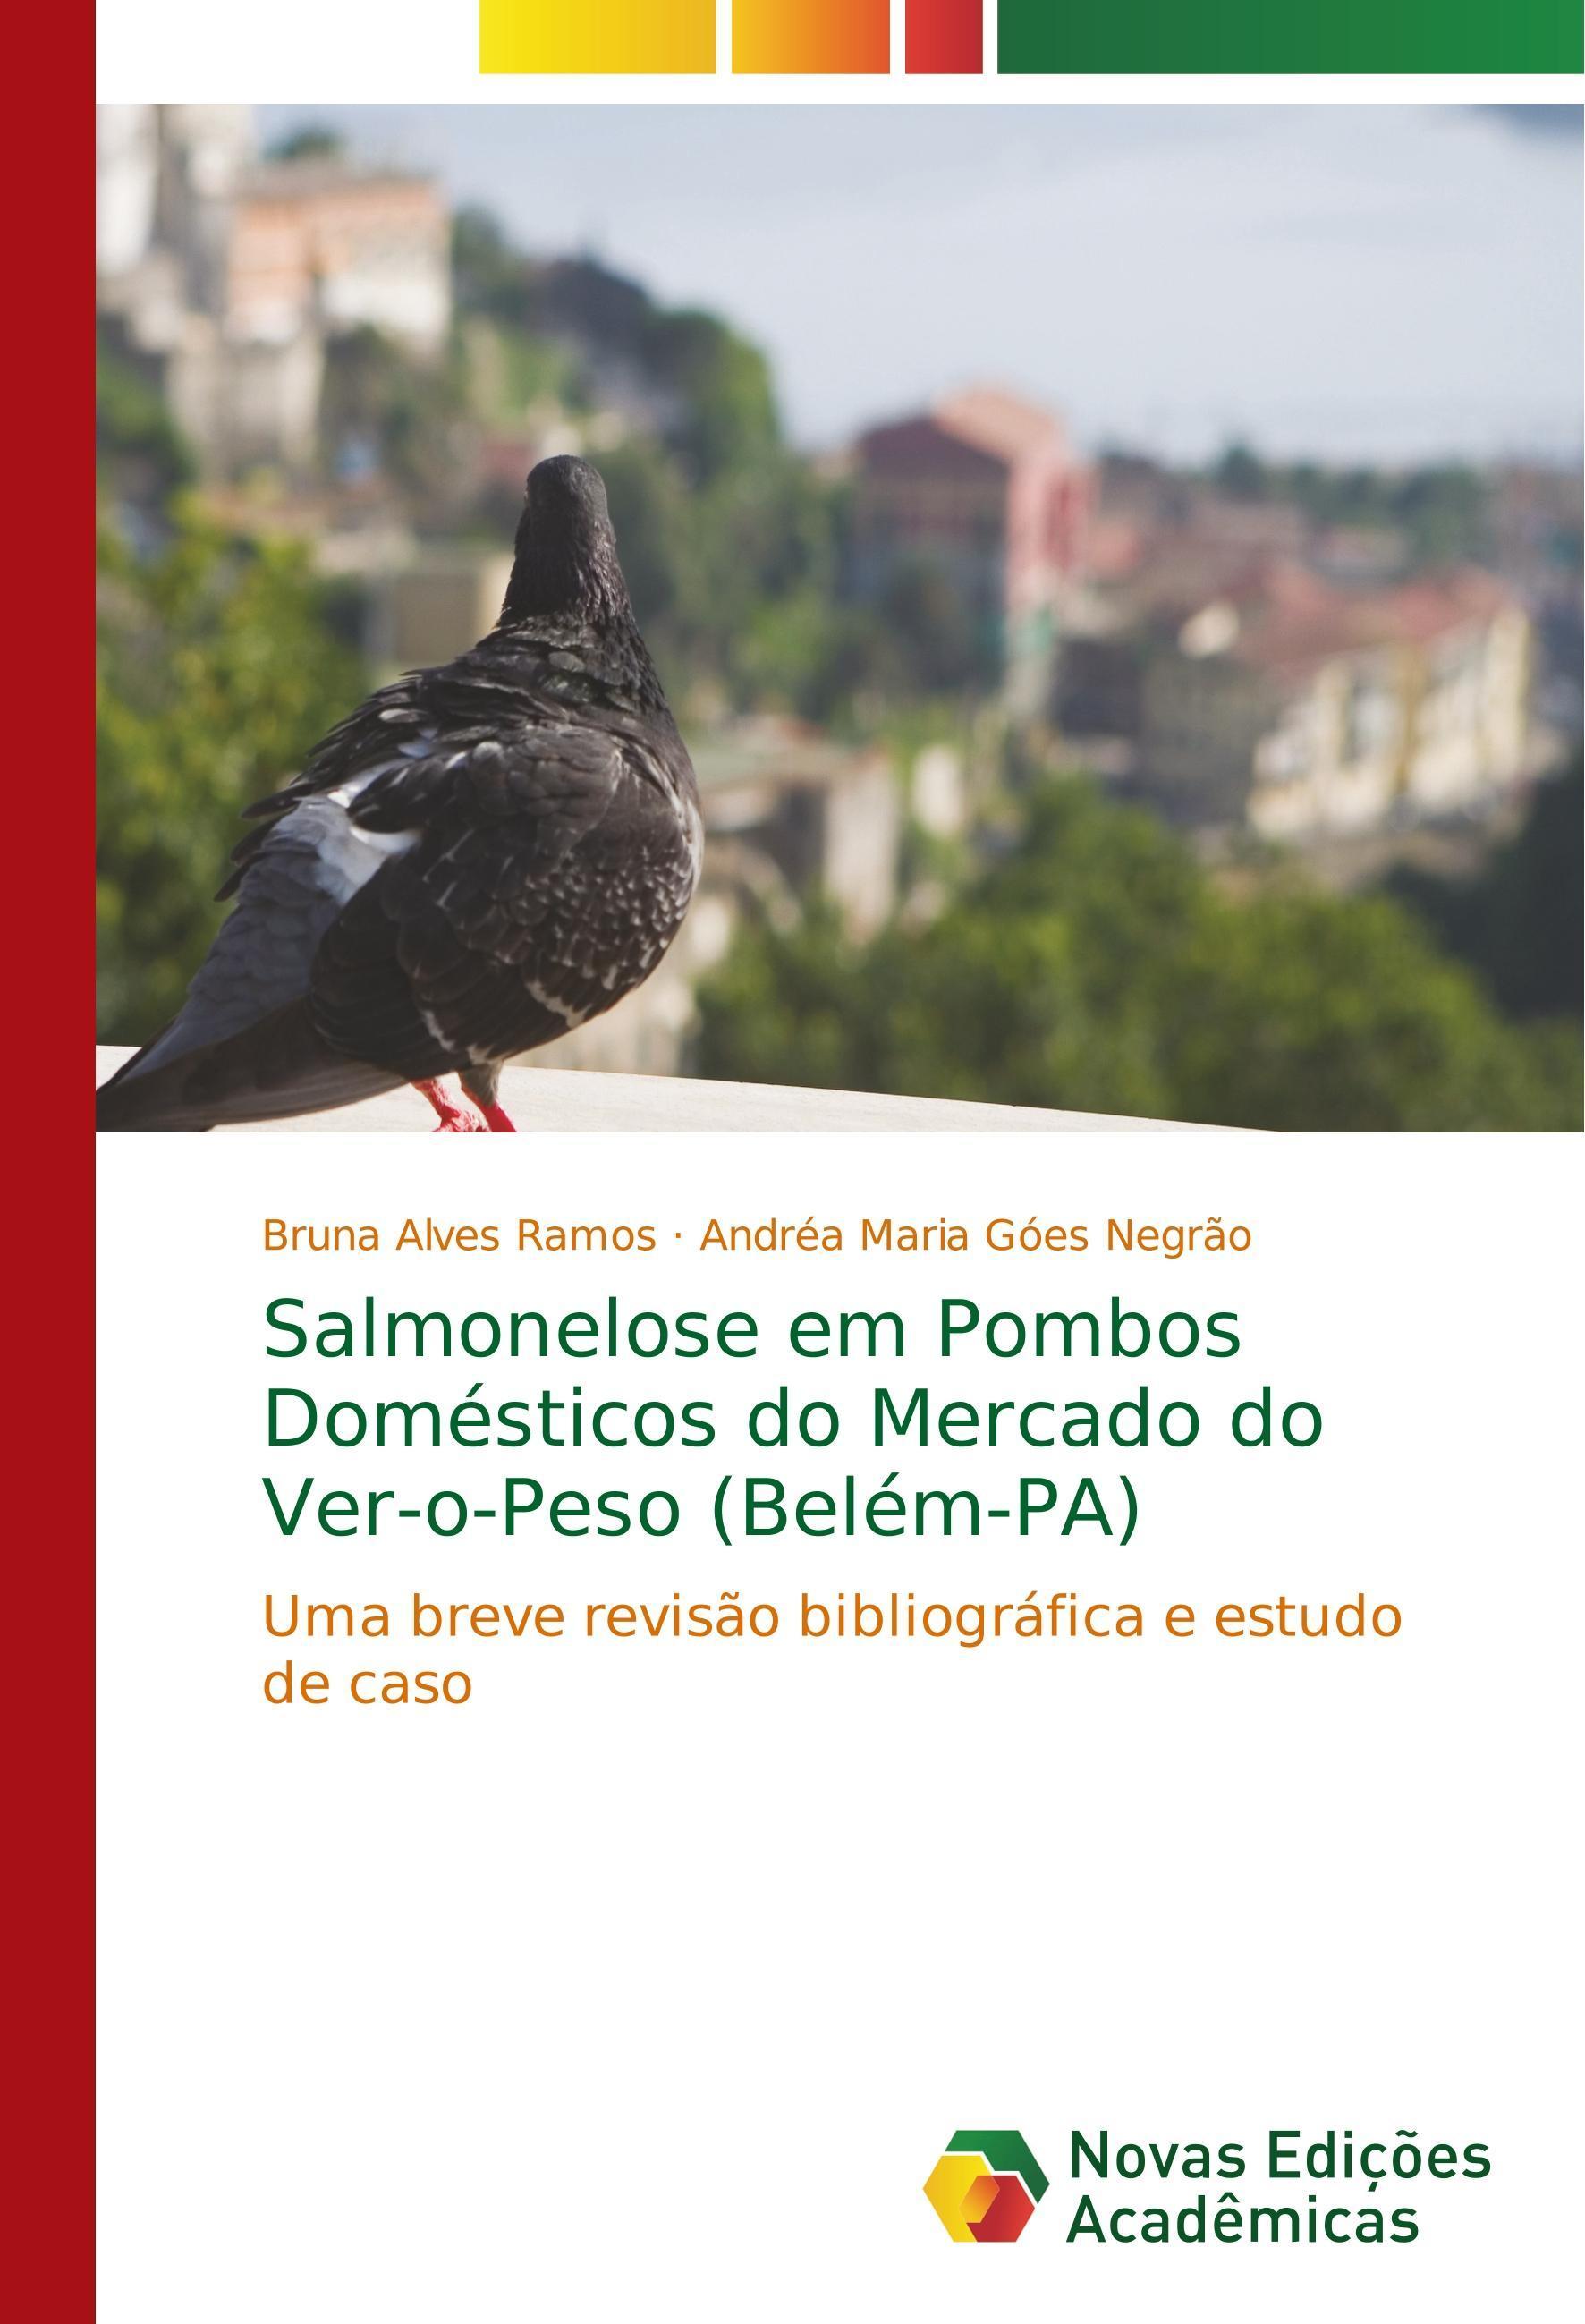 Salmonelose em Pombos Domésticos do Mercado do Ver-o-Peso (Belém-PA) - Alves Ramos, Bruna Góes Negrão, Andréa Maria